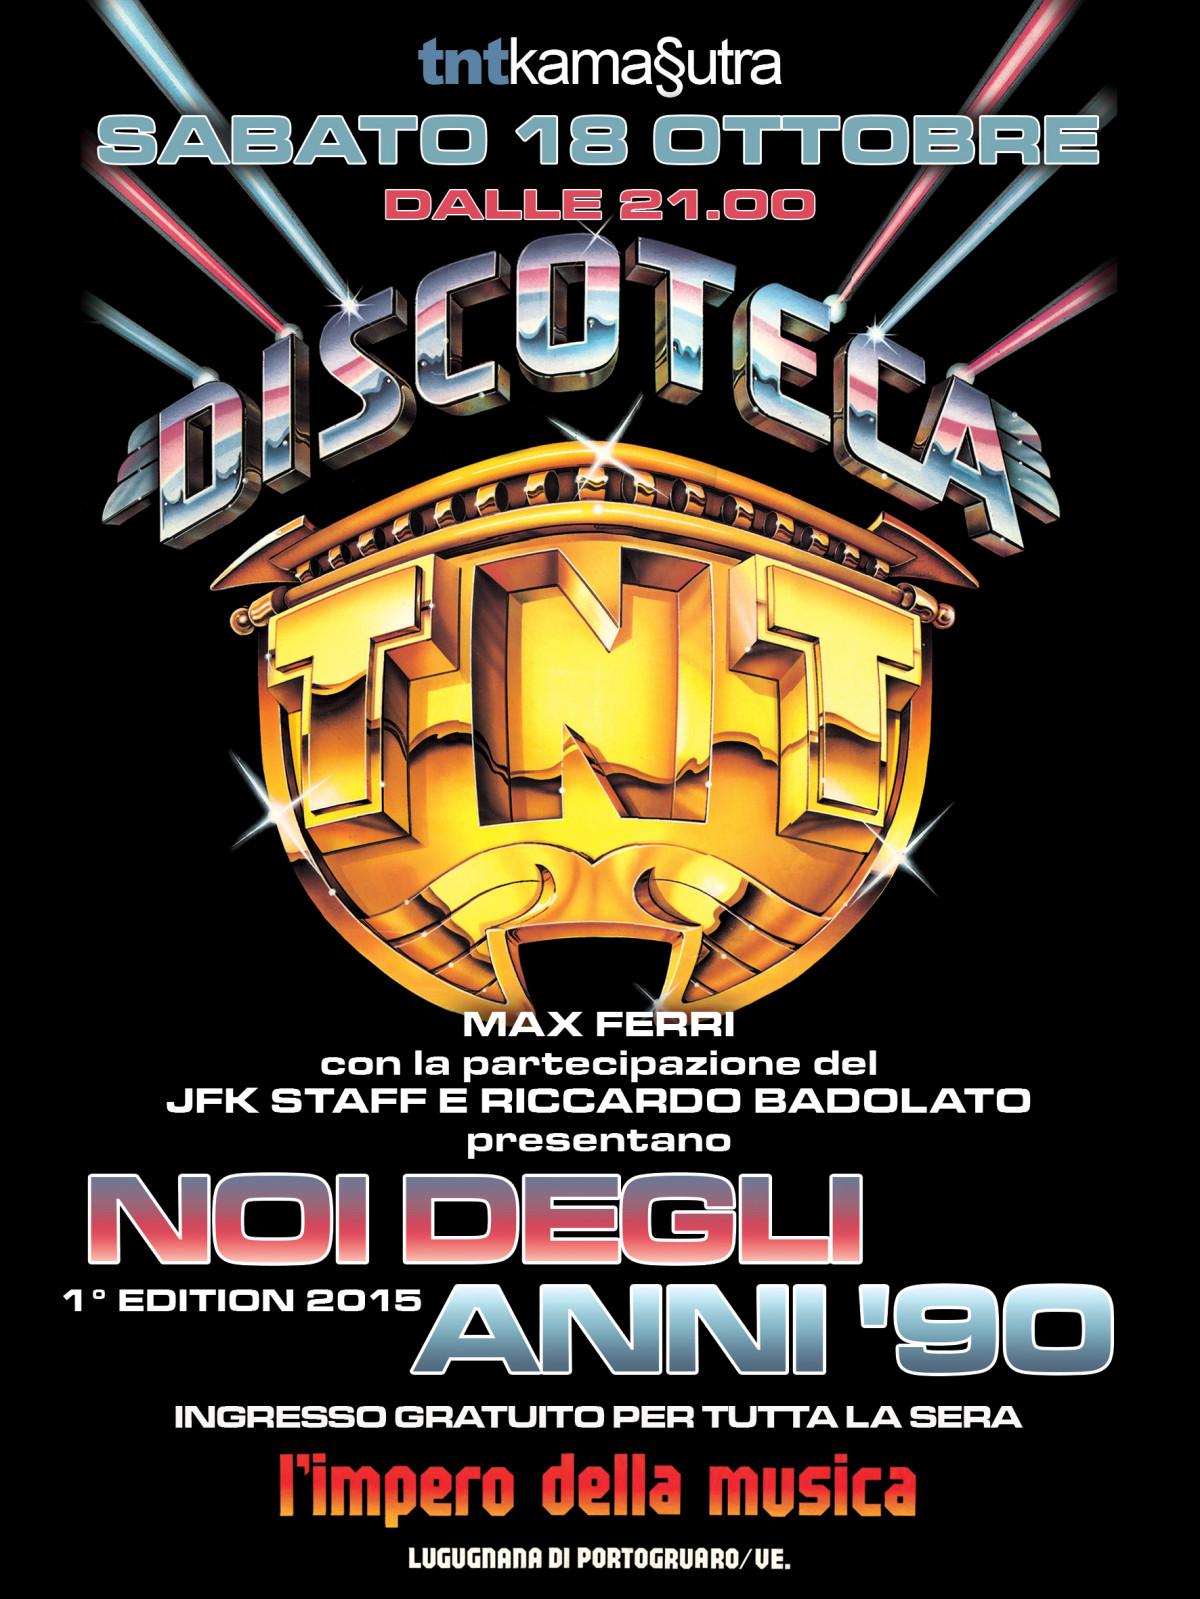 TNT 90